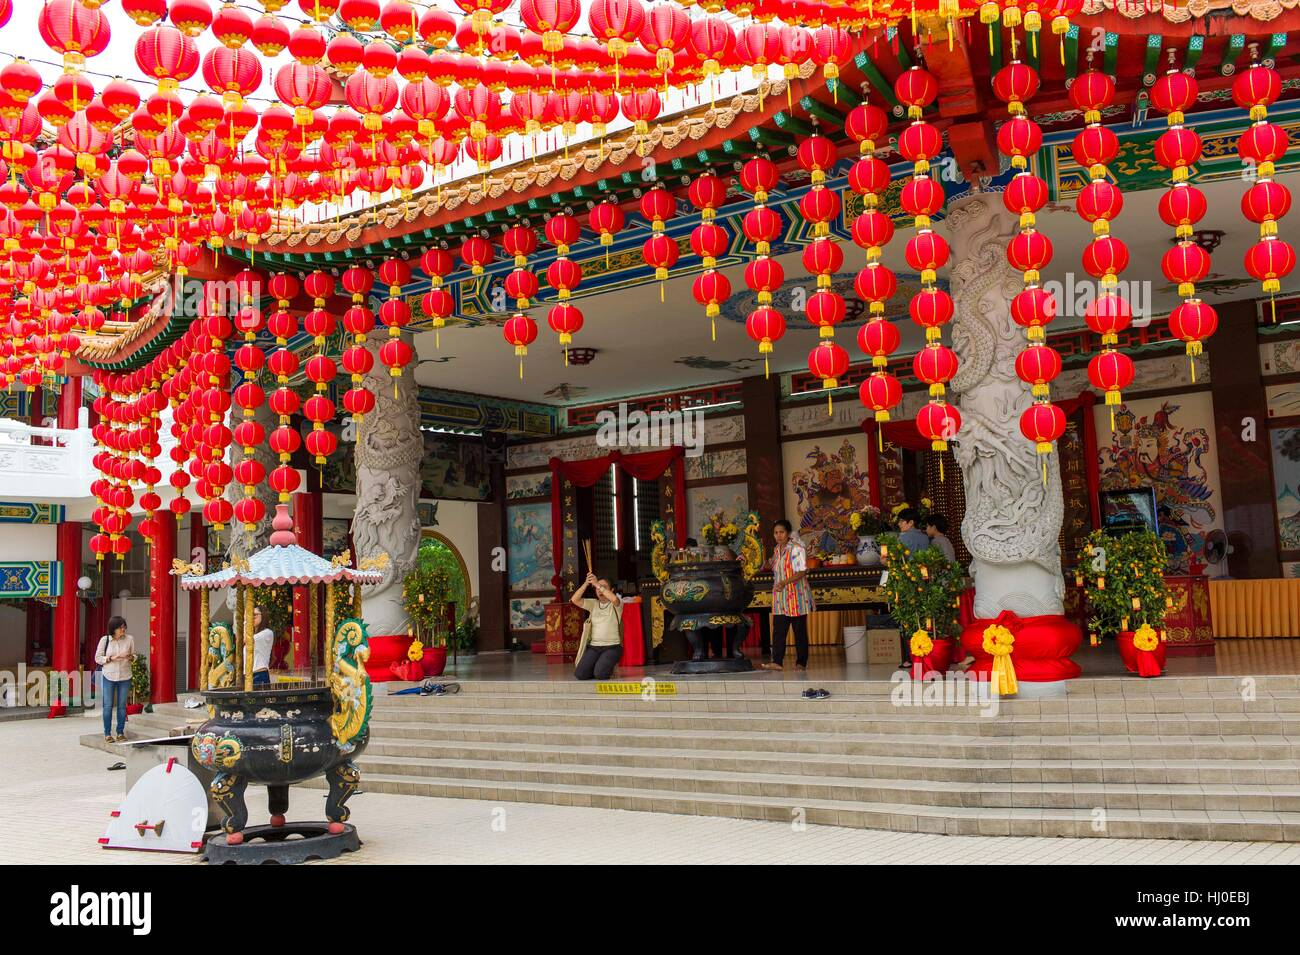 Kuala Lumpur, Malaisie. 21 Jan, 2017. Vue générale du Temple de Thean Hou avant le Nouvel An lunaire du Photo Stock